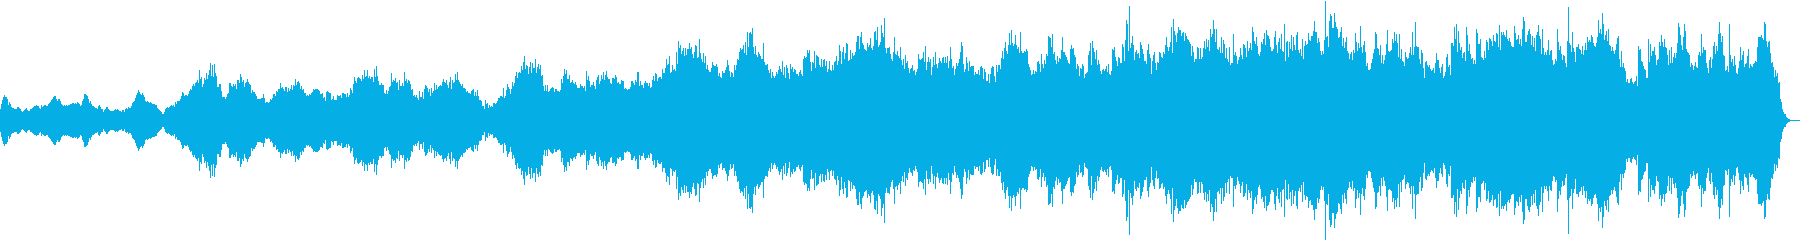 壮大なイメージの曲の再生済みの波形